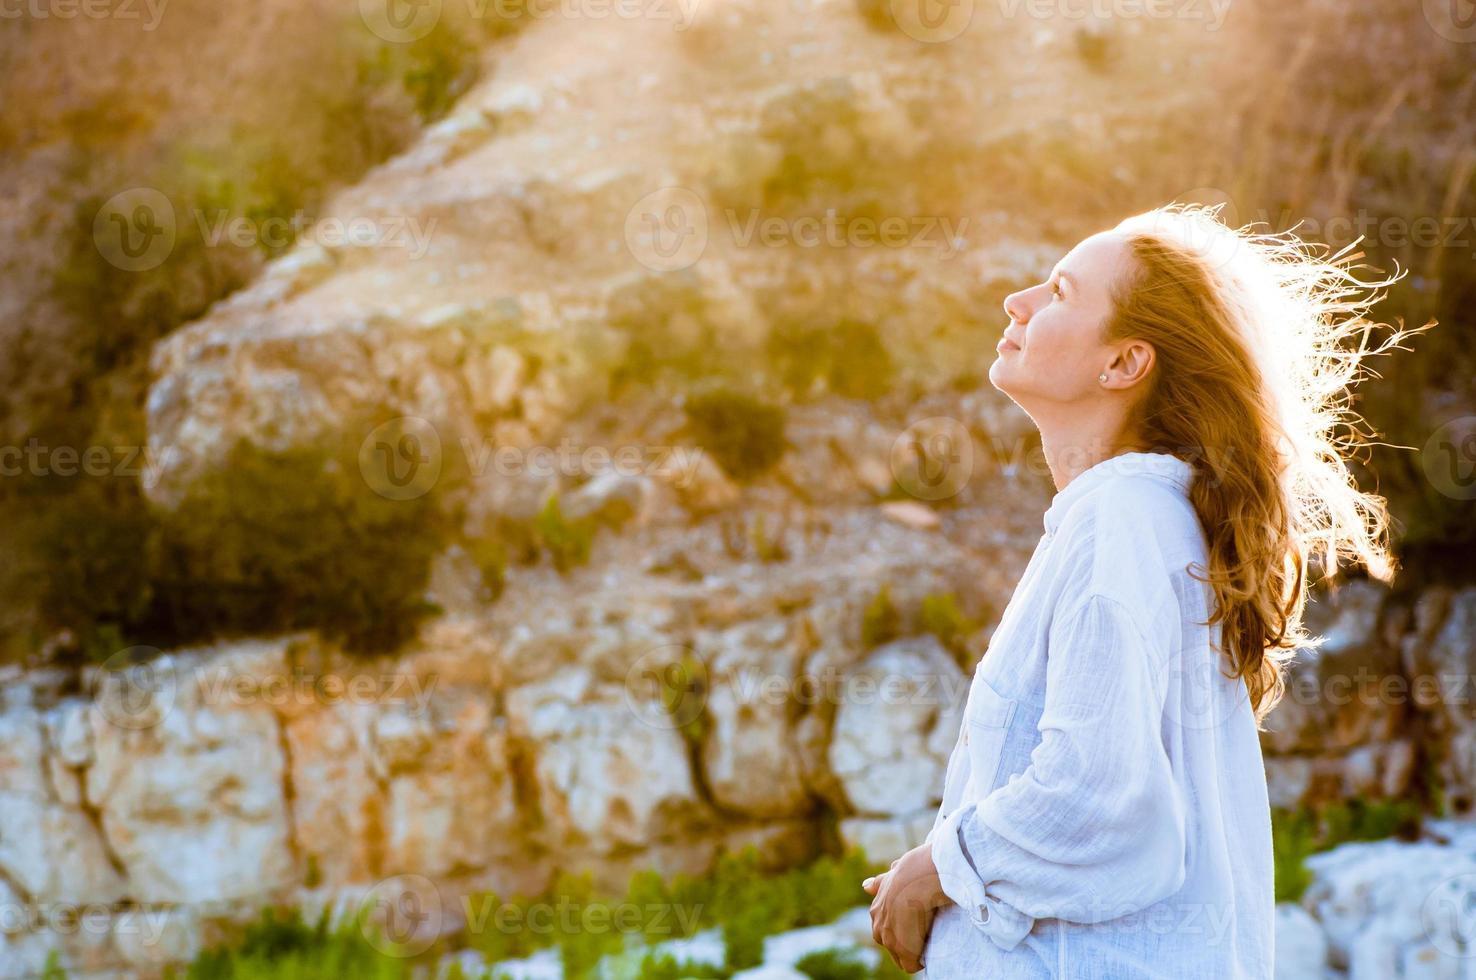 mooie jonge vrouw in wit overhemd genieten van zonsondergang licht foto